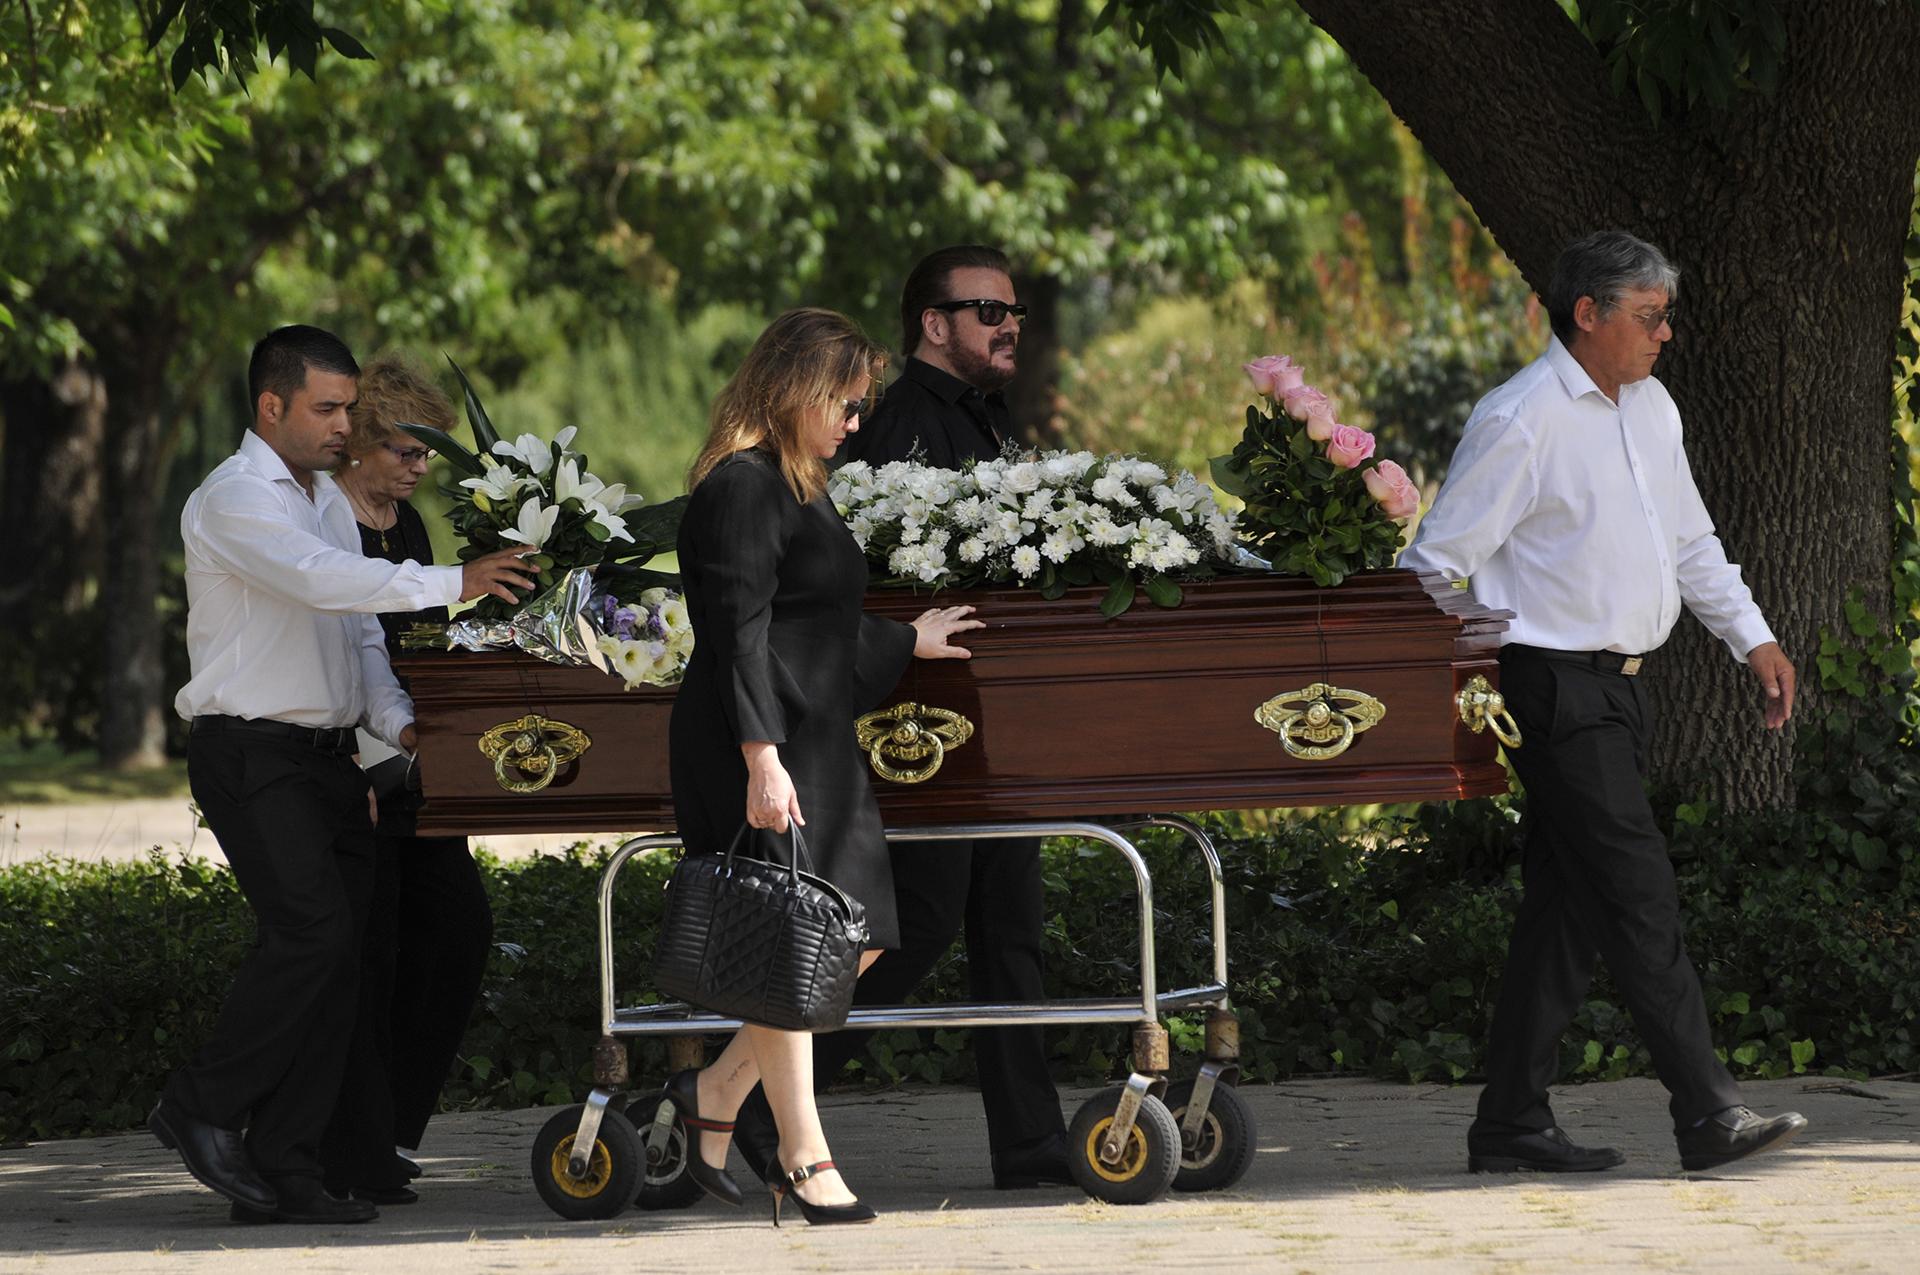 La mujer murió el domingo a los 98 años. El 29 de diciembre pasado había sufrido un ACV